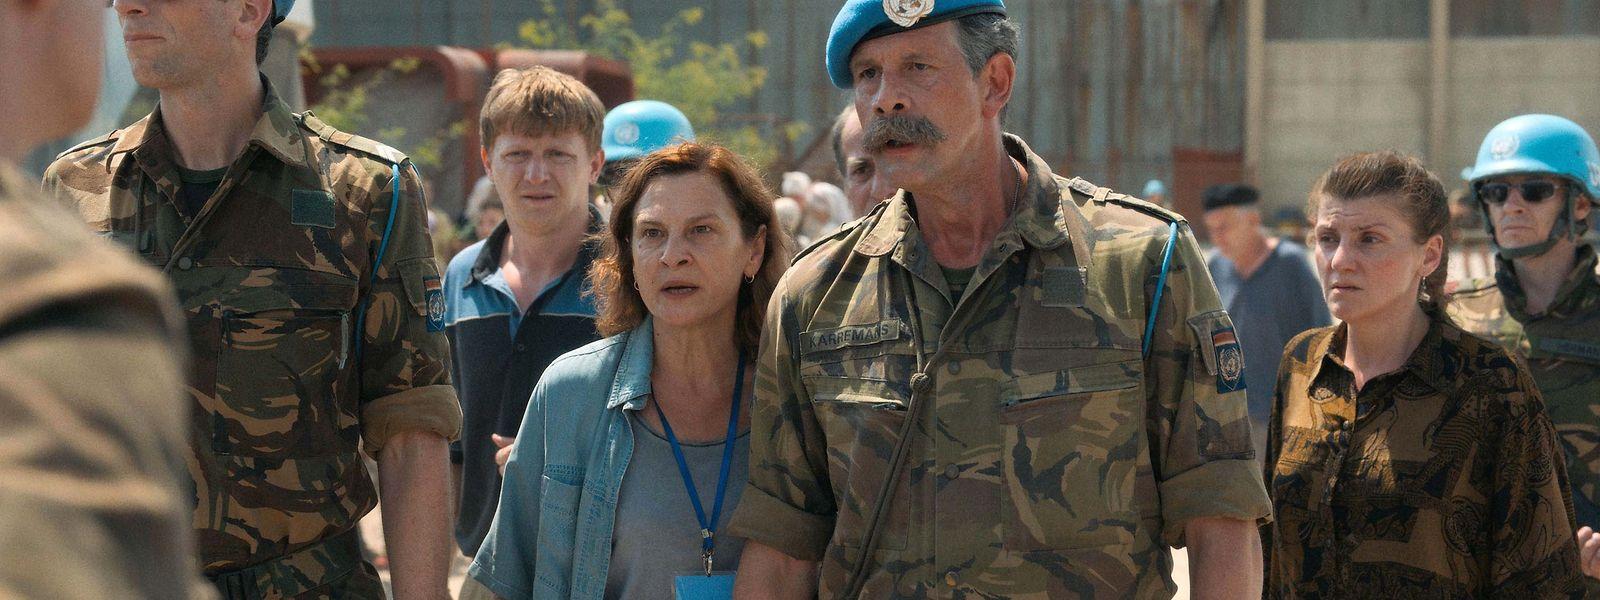 Aida (Jasna Duricic) va devoir affronter la hiérarchie militaire.